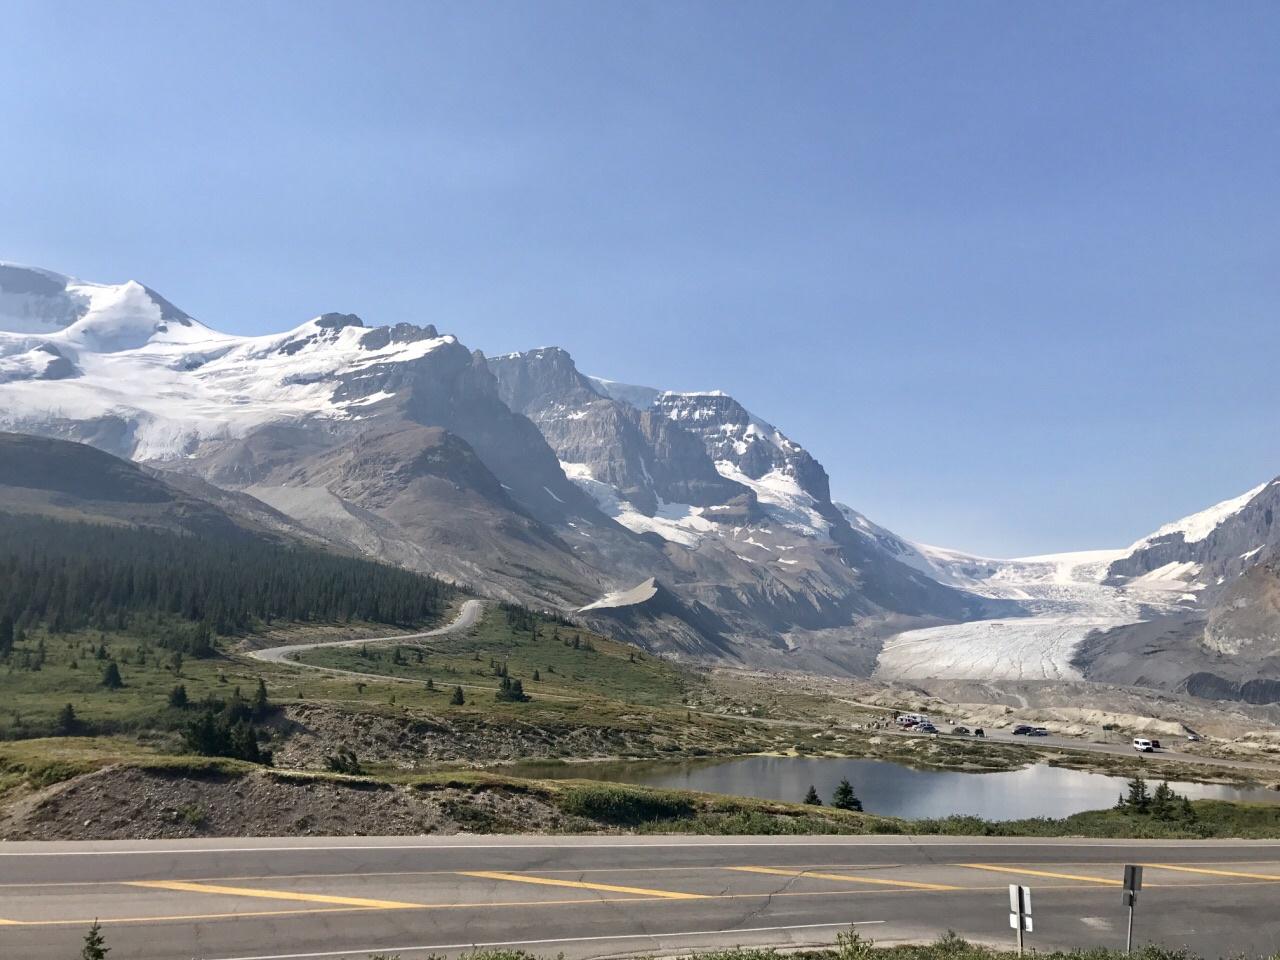 加拿大 贾斯珀国家公园 哥伦比亚冰原